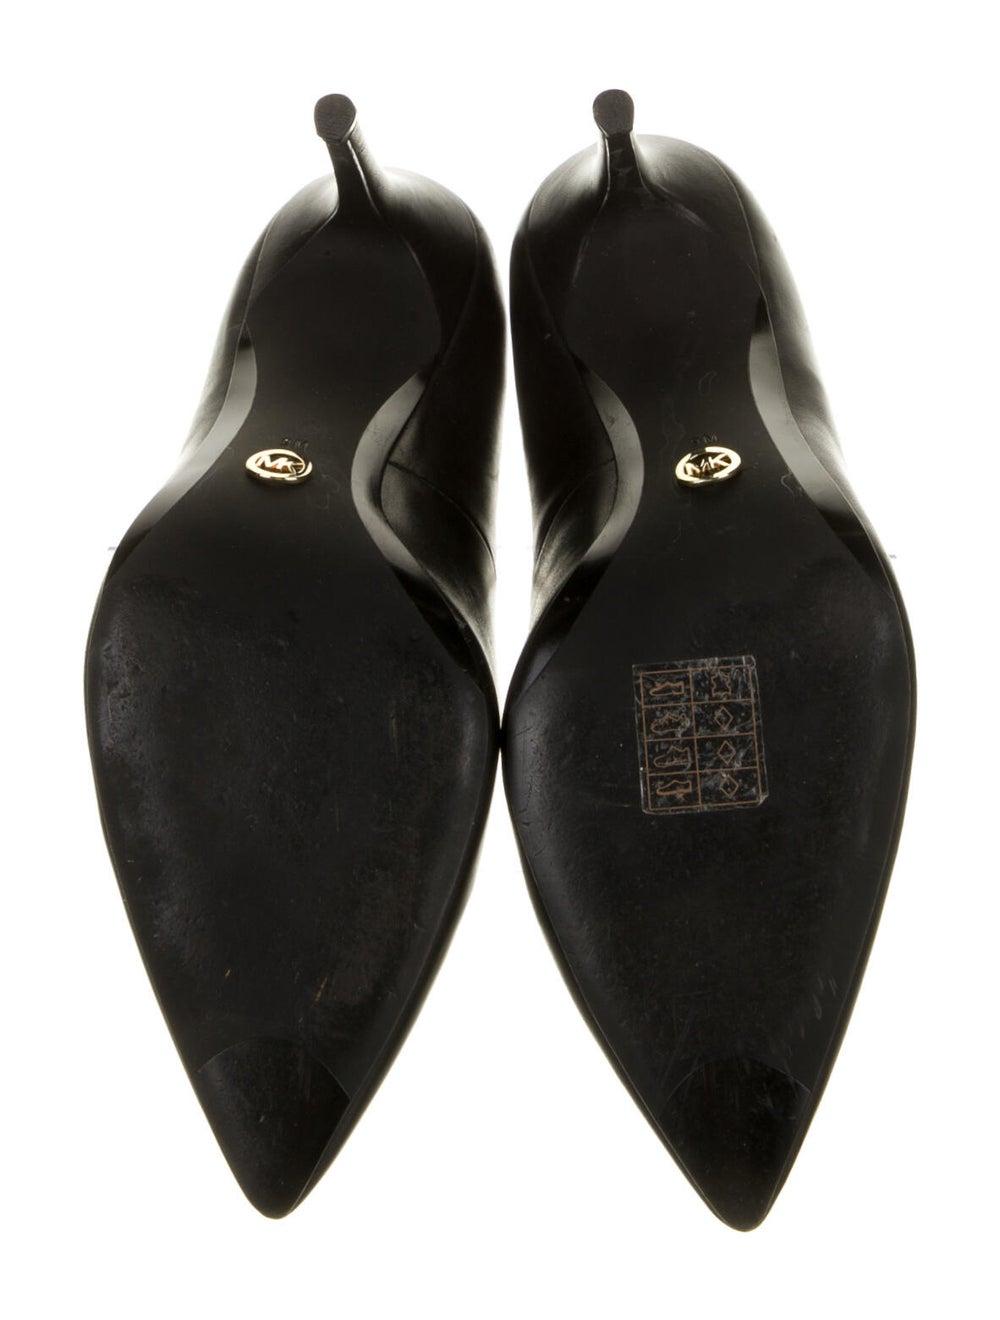 Michael Kors Claire Leather Pumps Black - image 5